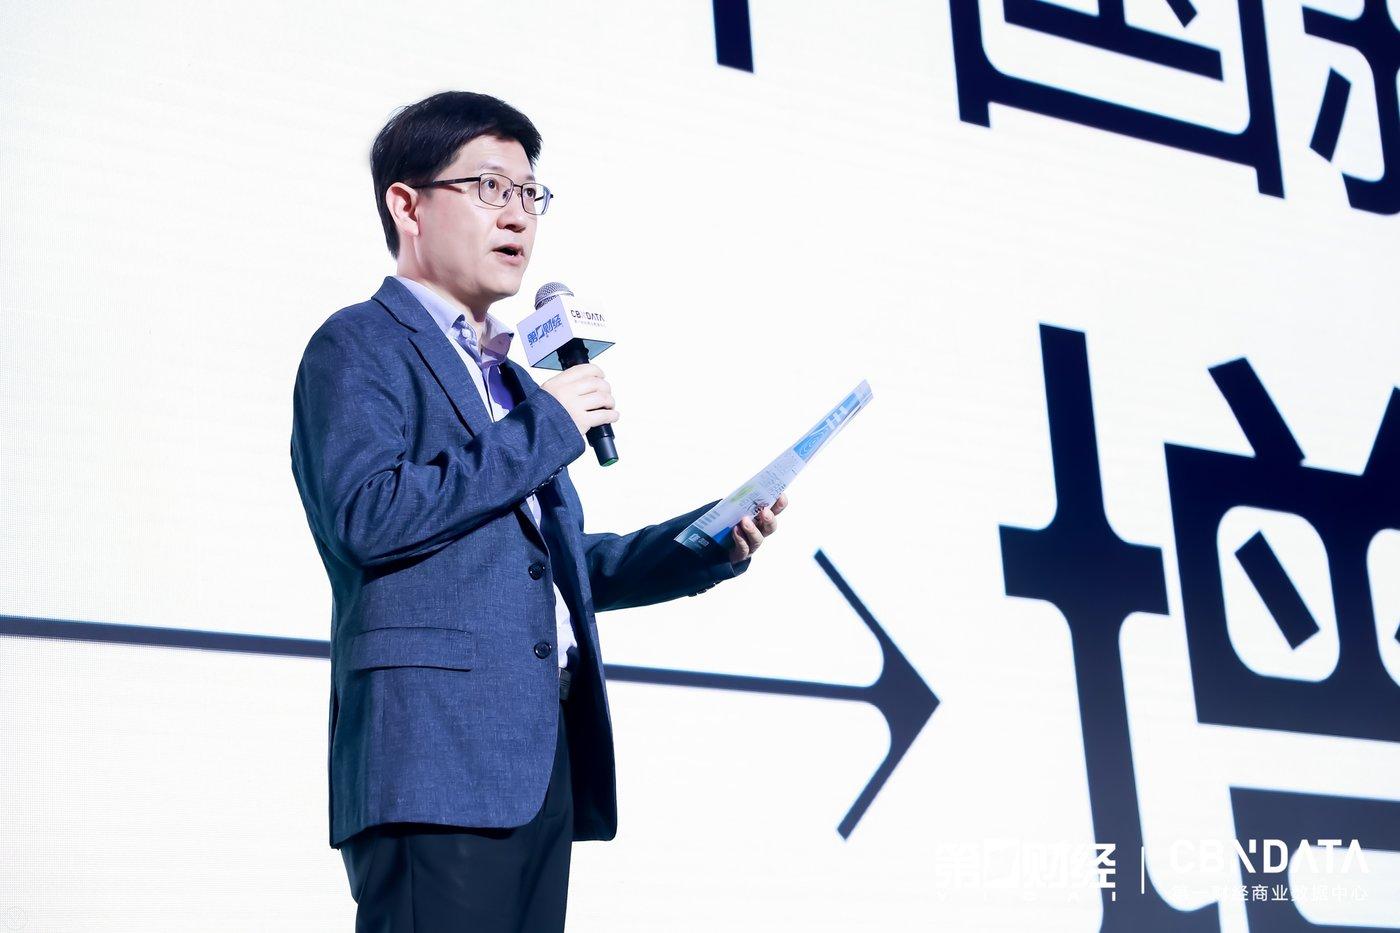 第一财经总编辑 杨宇东